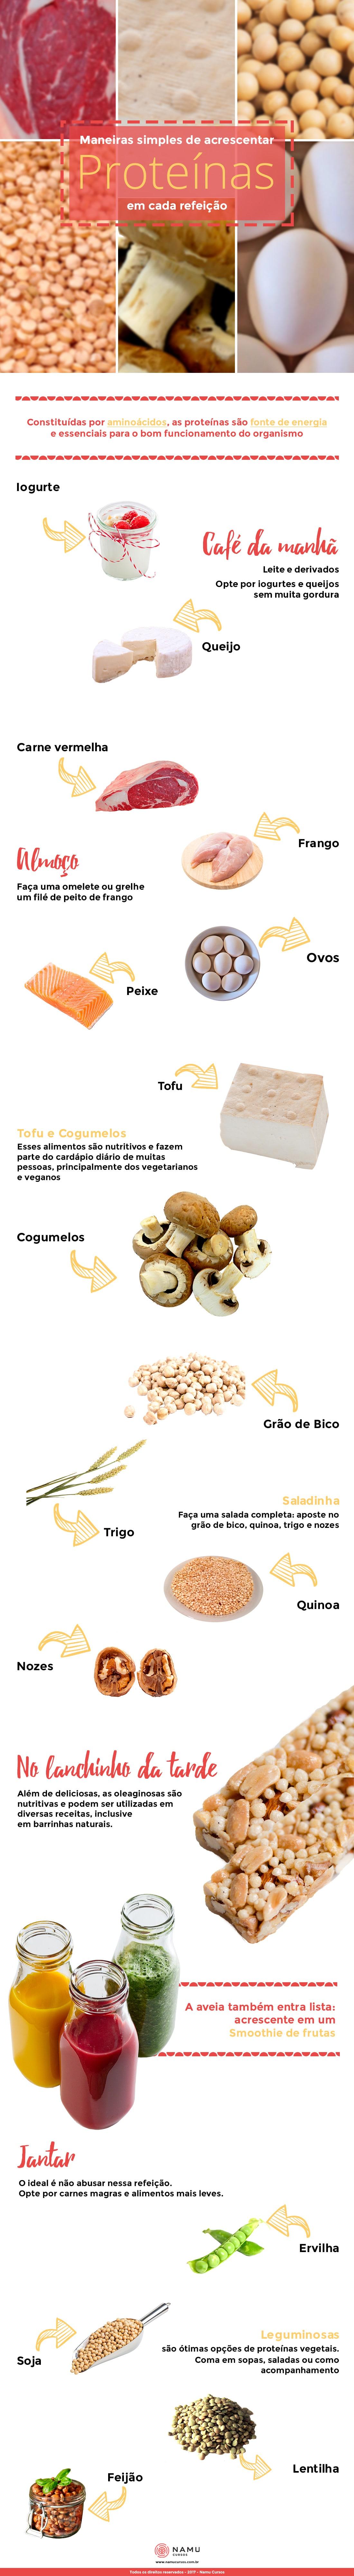 proteinas-info-002